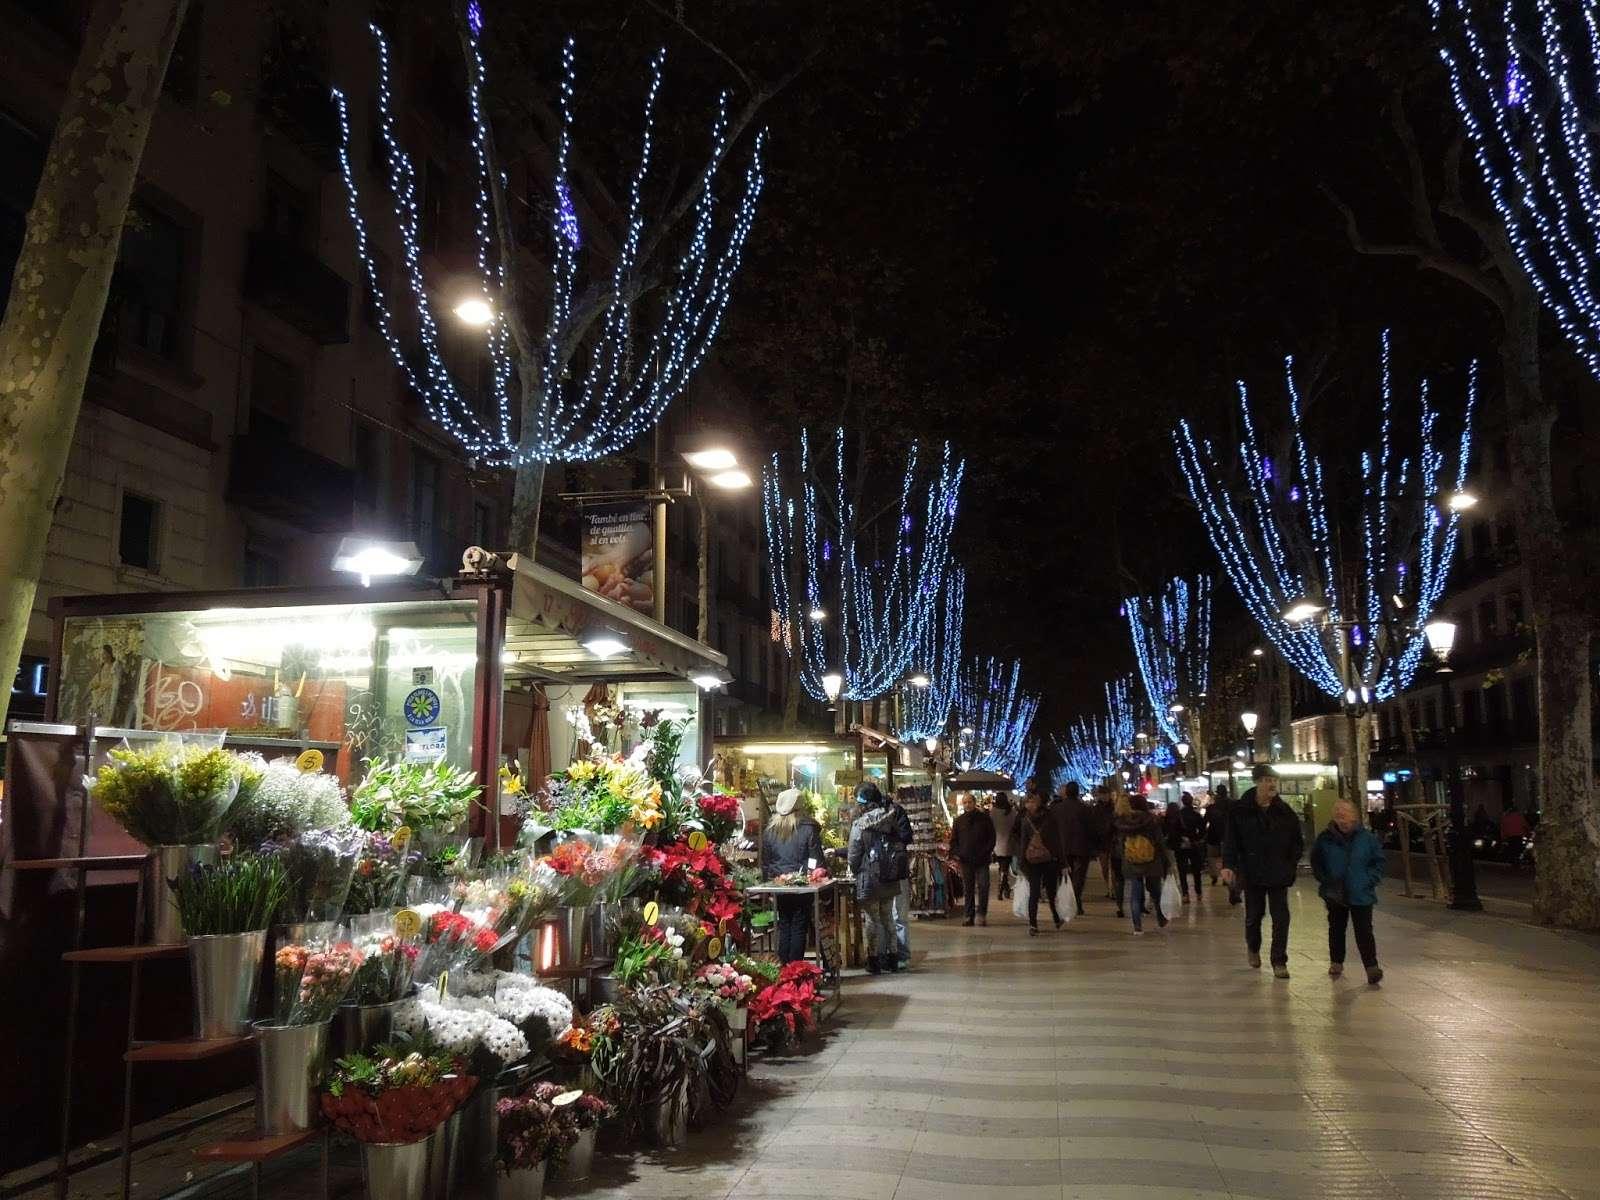 Iluminación navideña Madrid